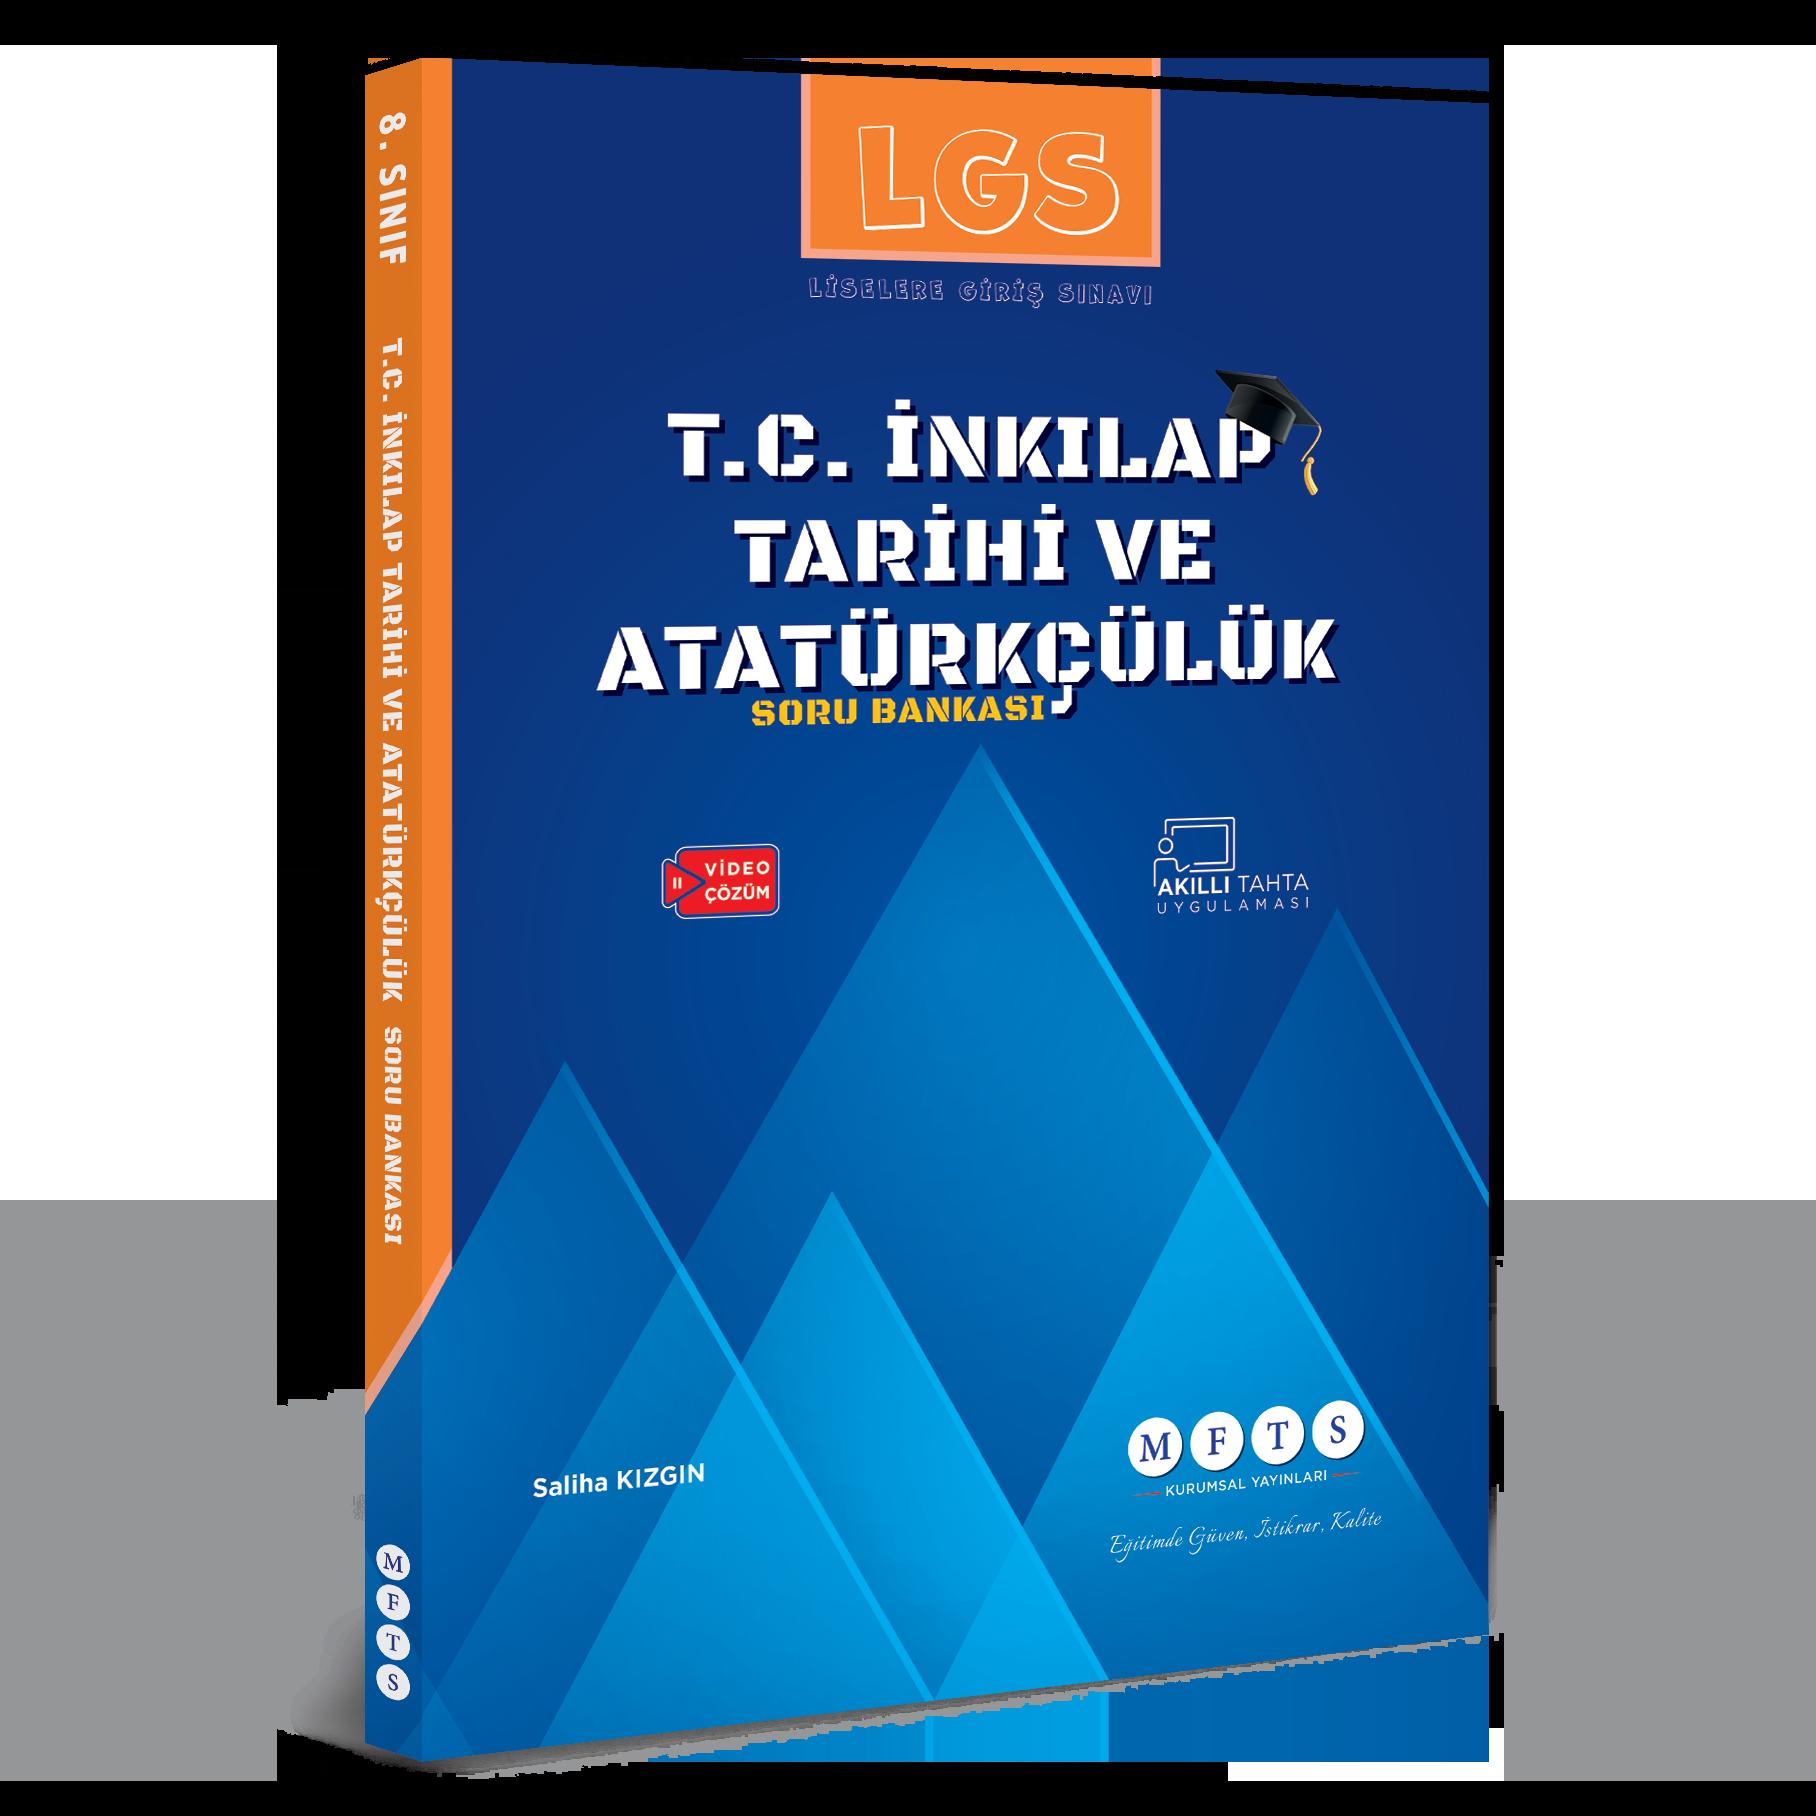 fenbilimlerimerkezi.net yayinlar: LGS T.C. İnkılap Tarihi ve Atatürkçülük Soru Bankası